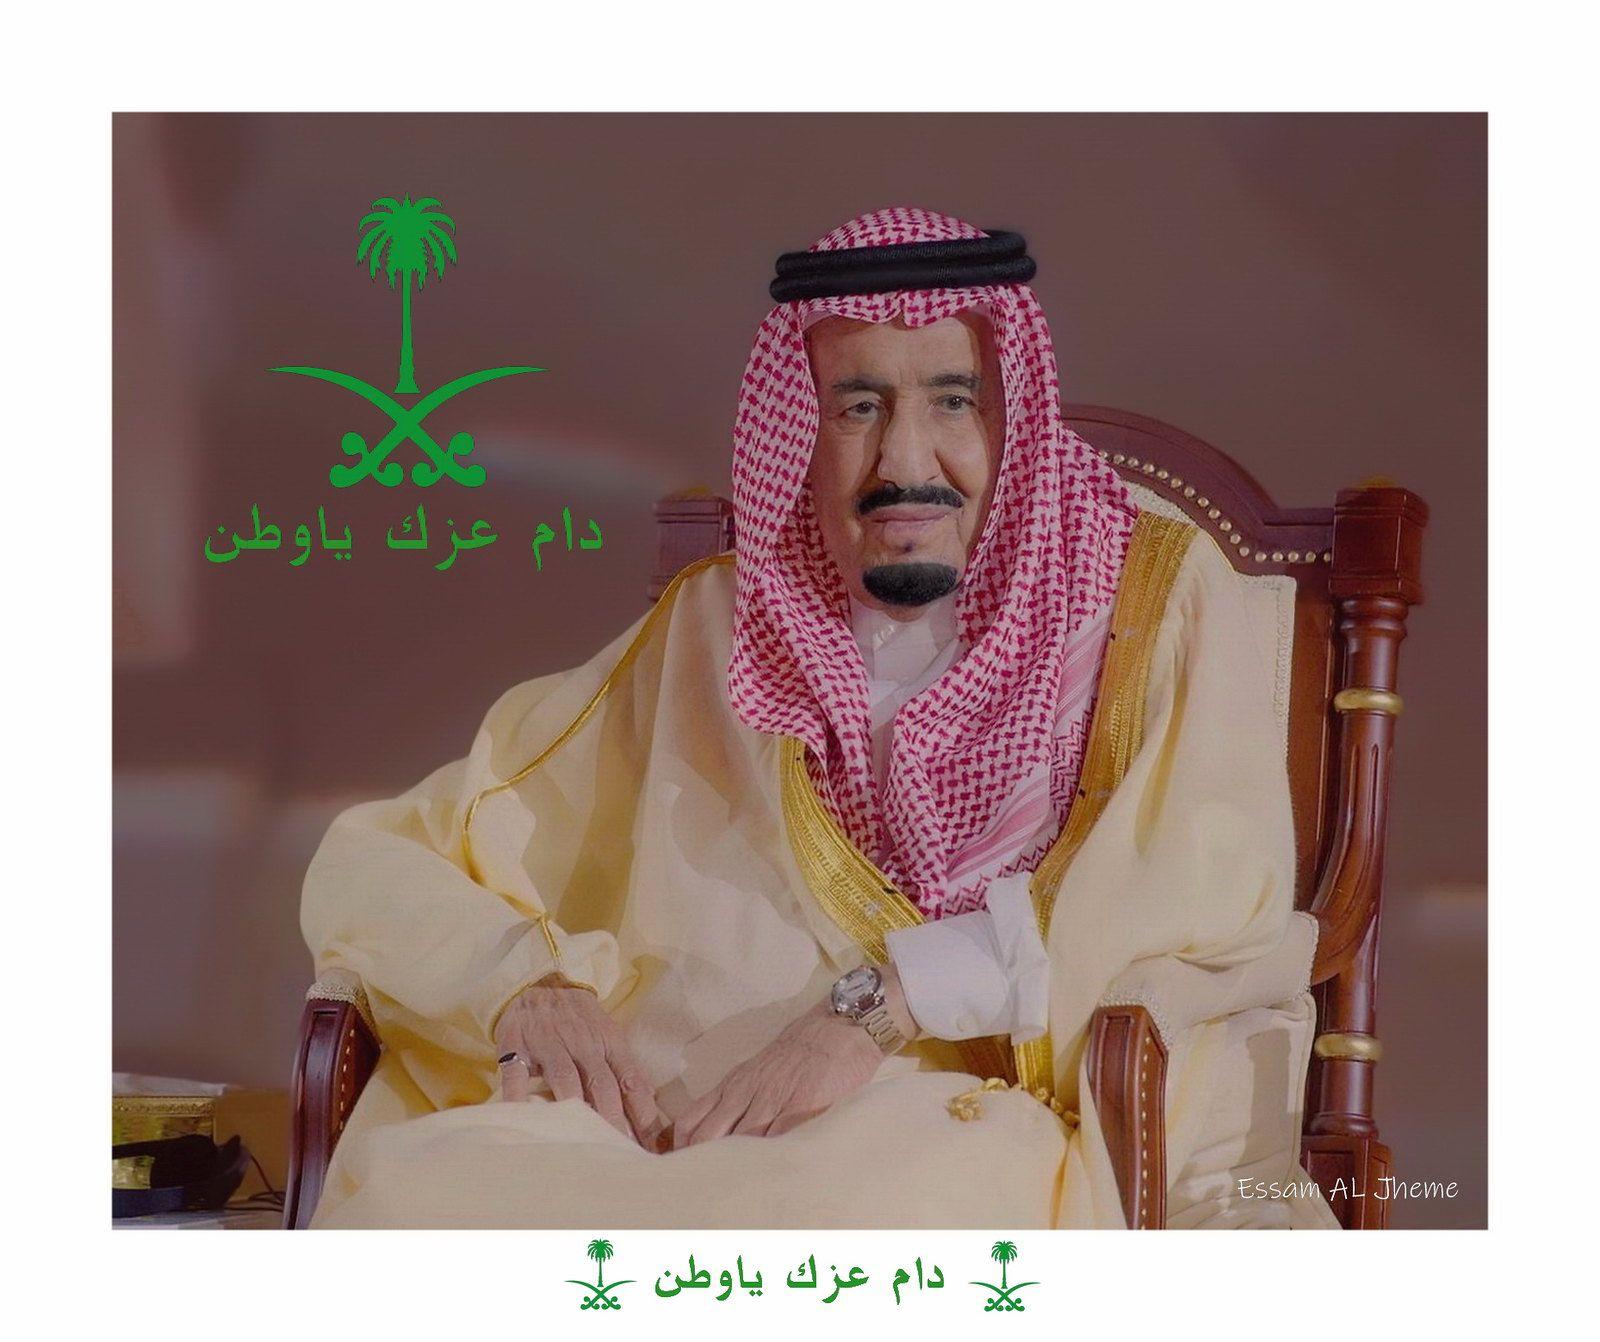 الملك سلمان بن عبدالعزيز Photography Inspiration Portrait Moon And Stars Wallpaper Meme Pictures